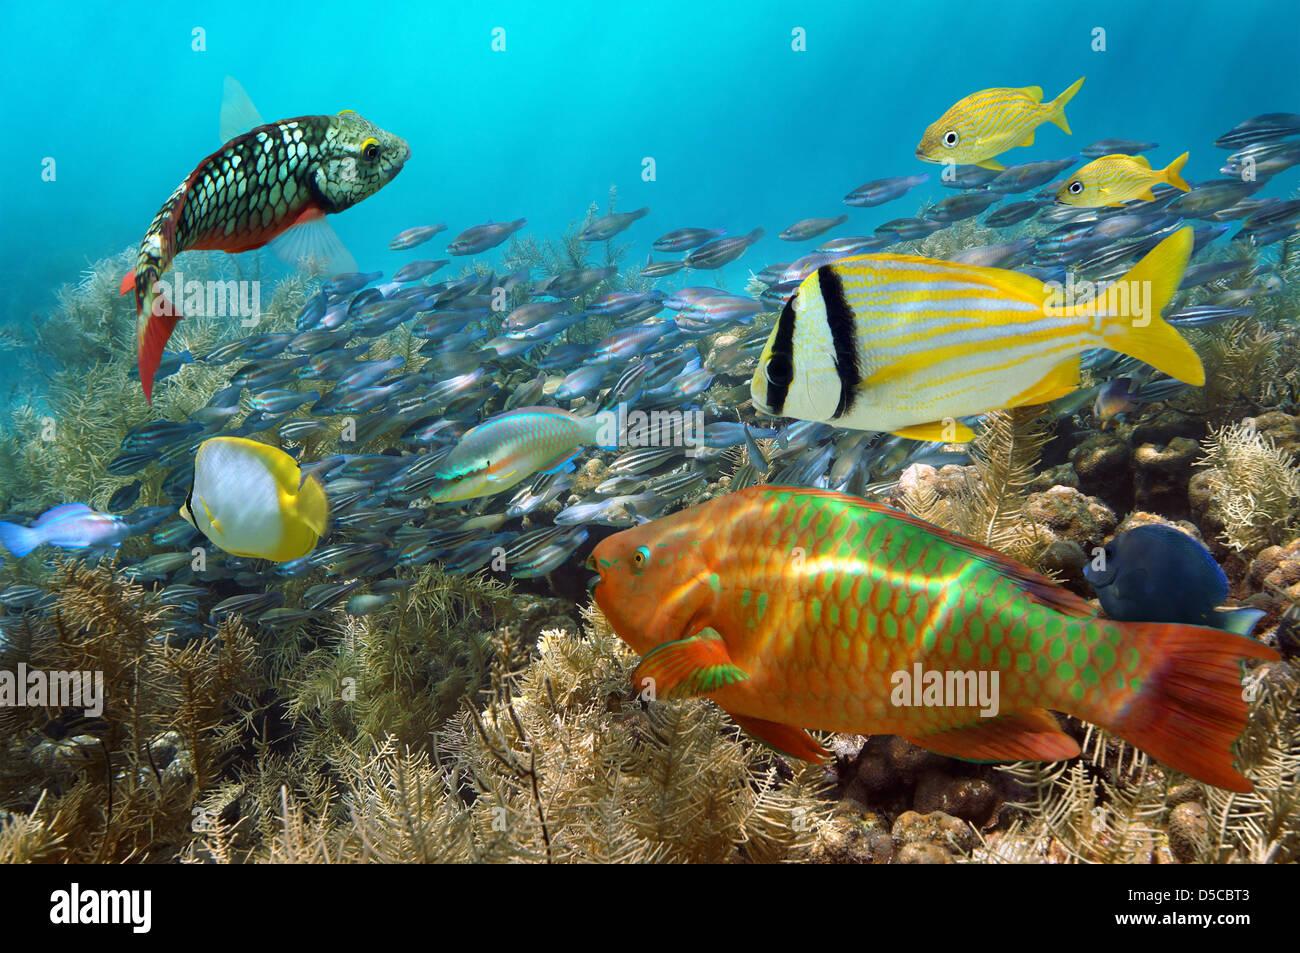 La plongée dans un récif de corail avec des bancs de poissons colorés Photo Stock